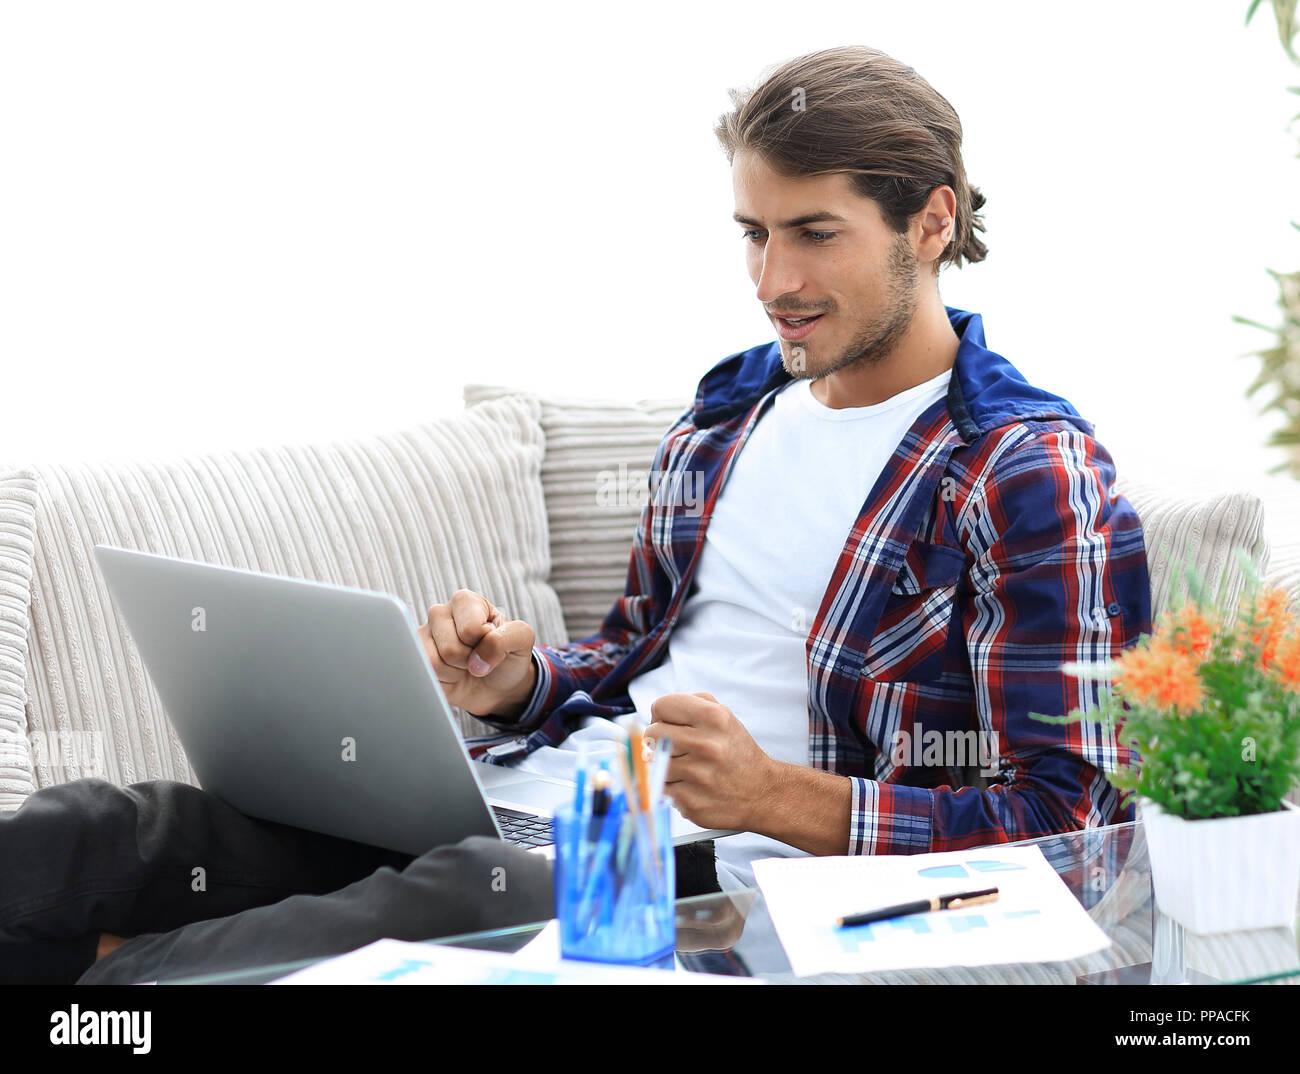 Surpris jeune homme travaillant avec un ordinateur portable à la maison.  Photo Stock 861e32ee0f89